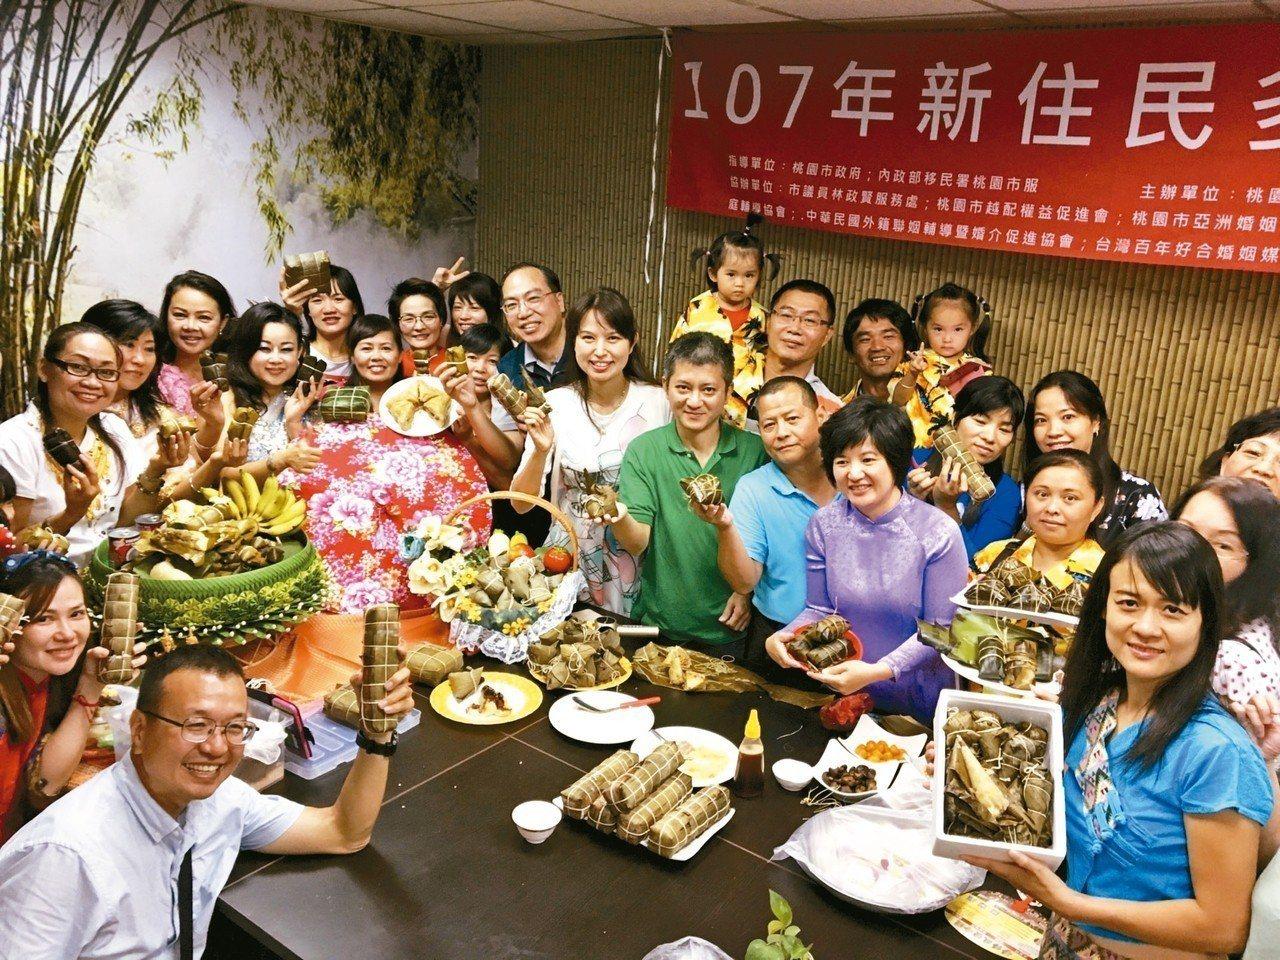 桃園昨邀集多國新住民包粽子,展現各國不同文化。 記者張裕珍/攝影